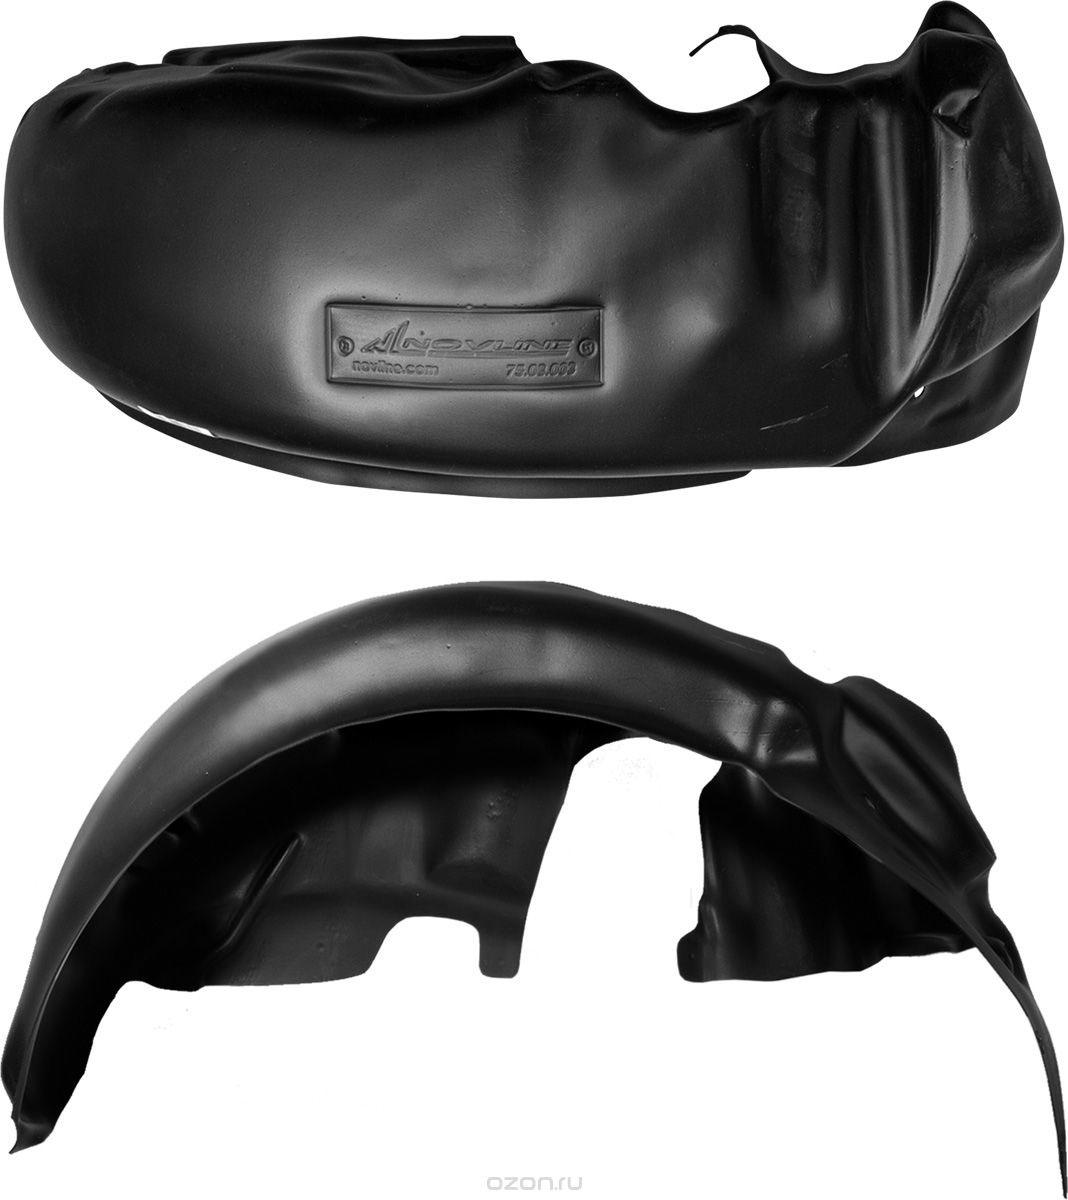 Подкрылок Novline-Autofamily, для ВАЗ 2113-15 1997-2013, задний левый000713Идеальная защита колесной ниши. Локеры разработаны с применением цифровых технологий, гарантируют максимальную повторяемость поверхности арки. Изделия устанавливаются без нарушения лакокрасочного покрытия автомобиля, каждый подкрылок комплектуется крепежом. Уважаемые клиенты, обращаем ваше внимание, что фотографии на подкрылки универсальные и не отражают реальную форму изделия. При этом само изделие идет точно под размер указанного автомобиля.